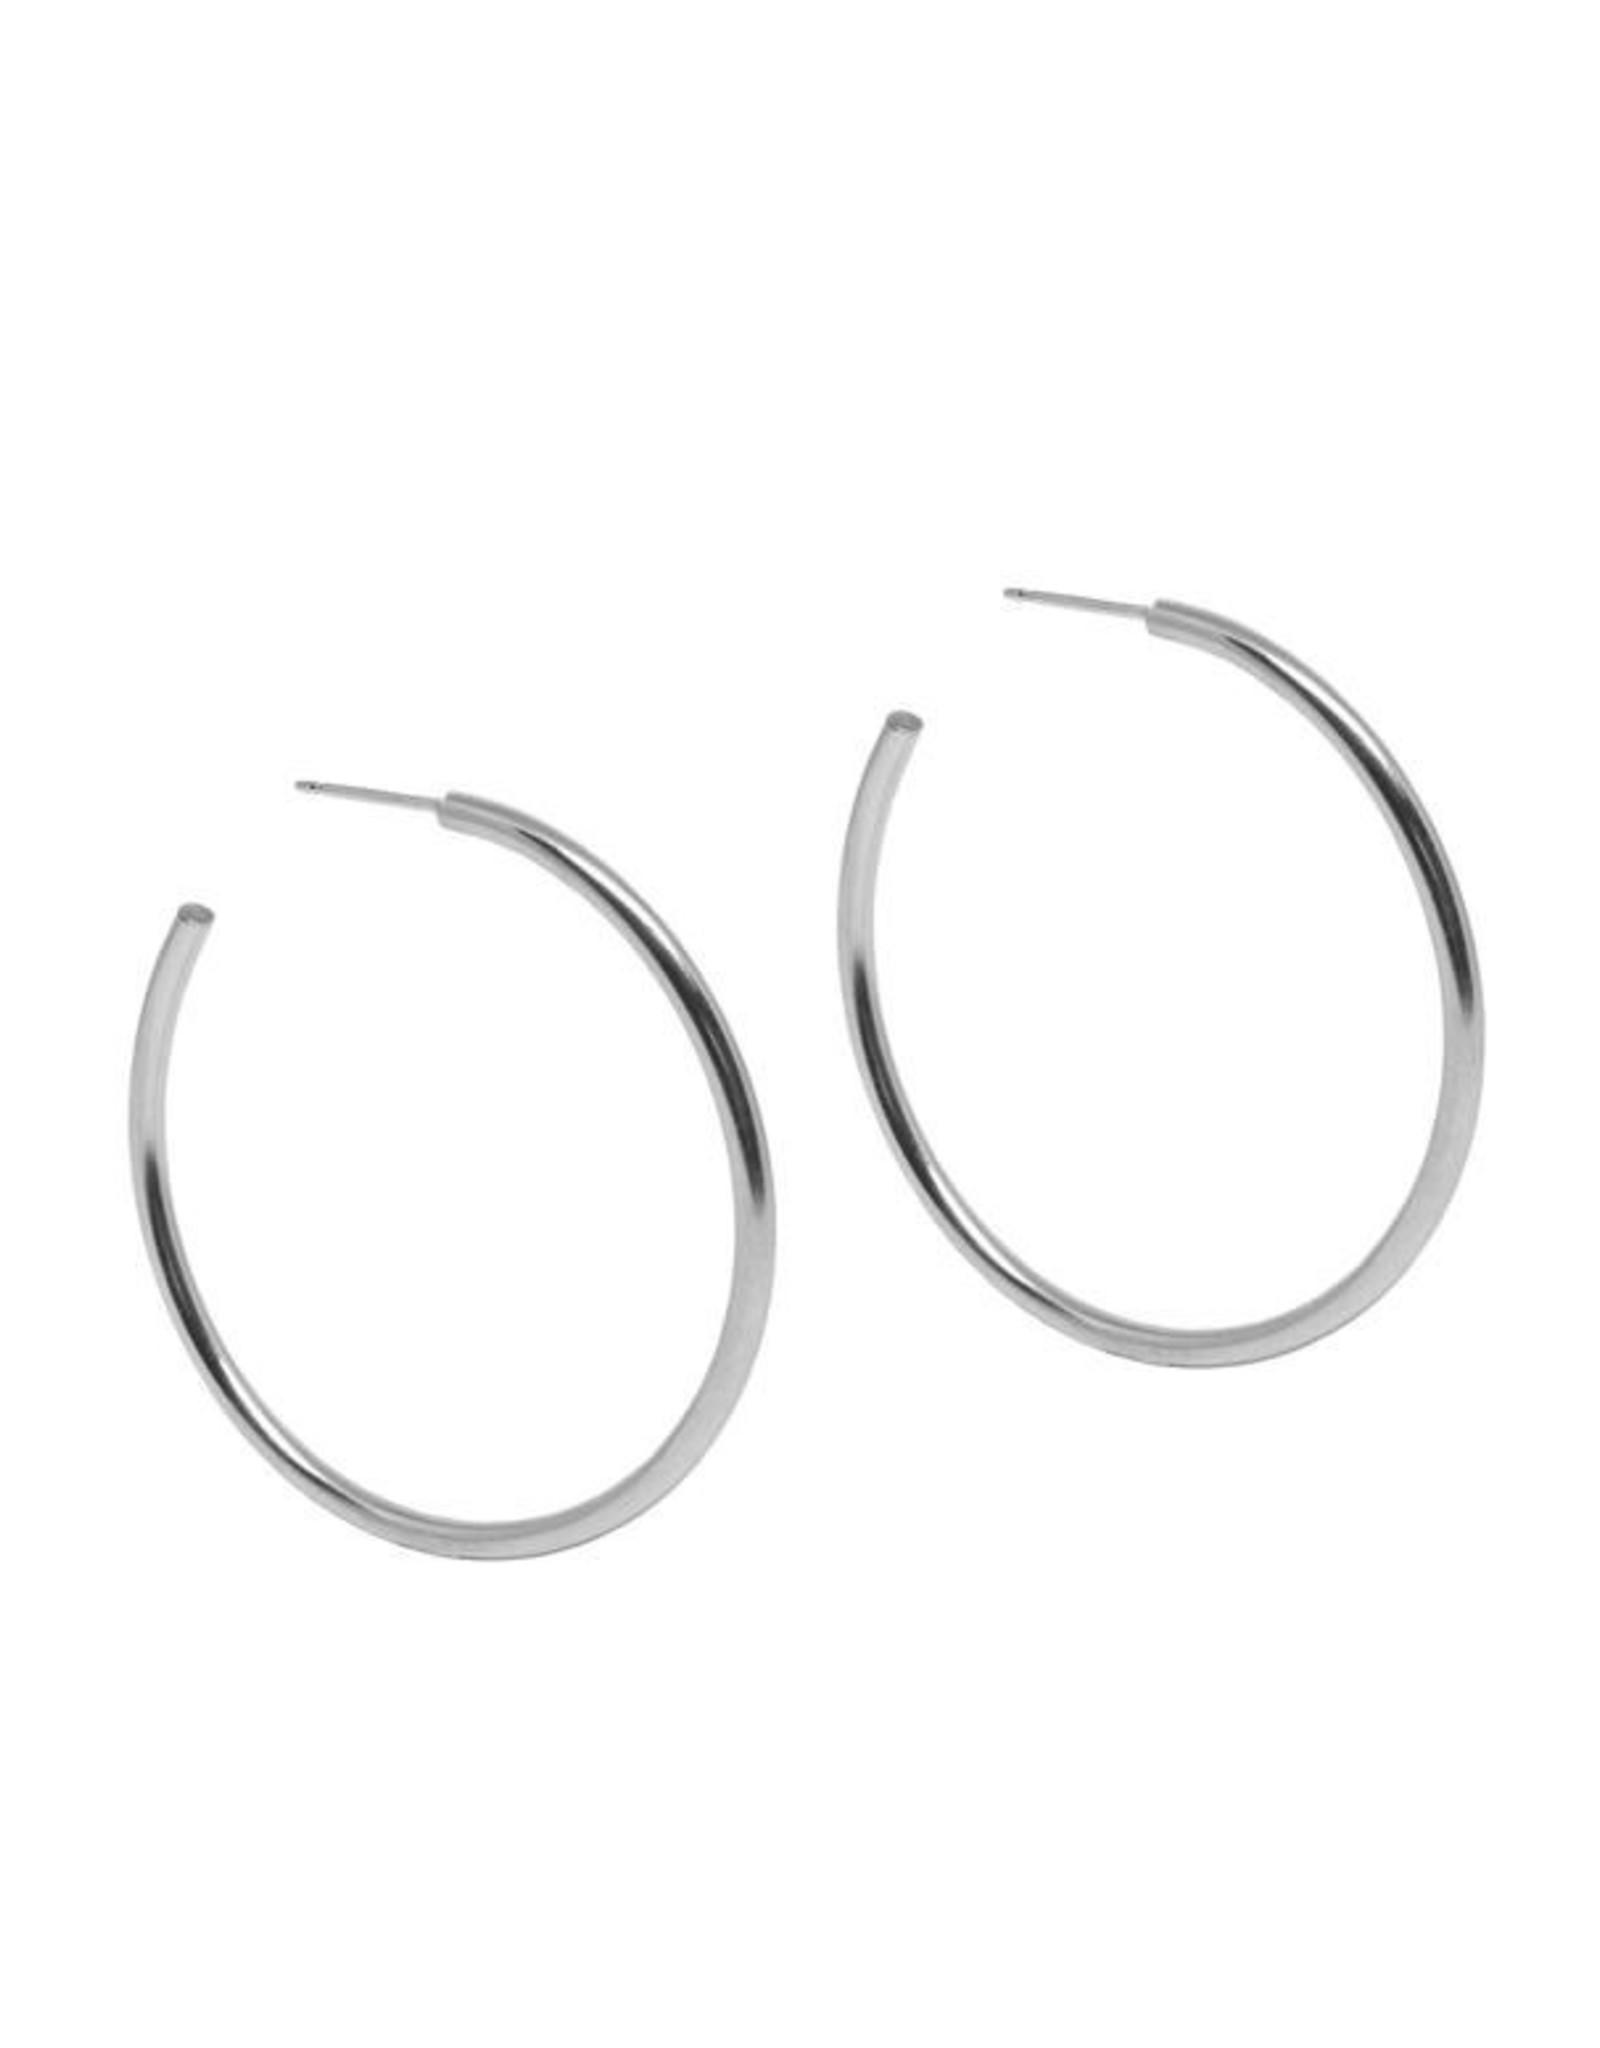 Hart + Stone Lark Hoops - XLarge - Sterling Silver